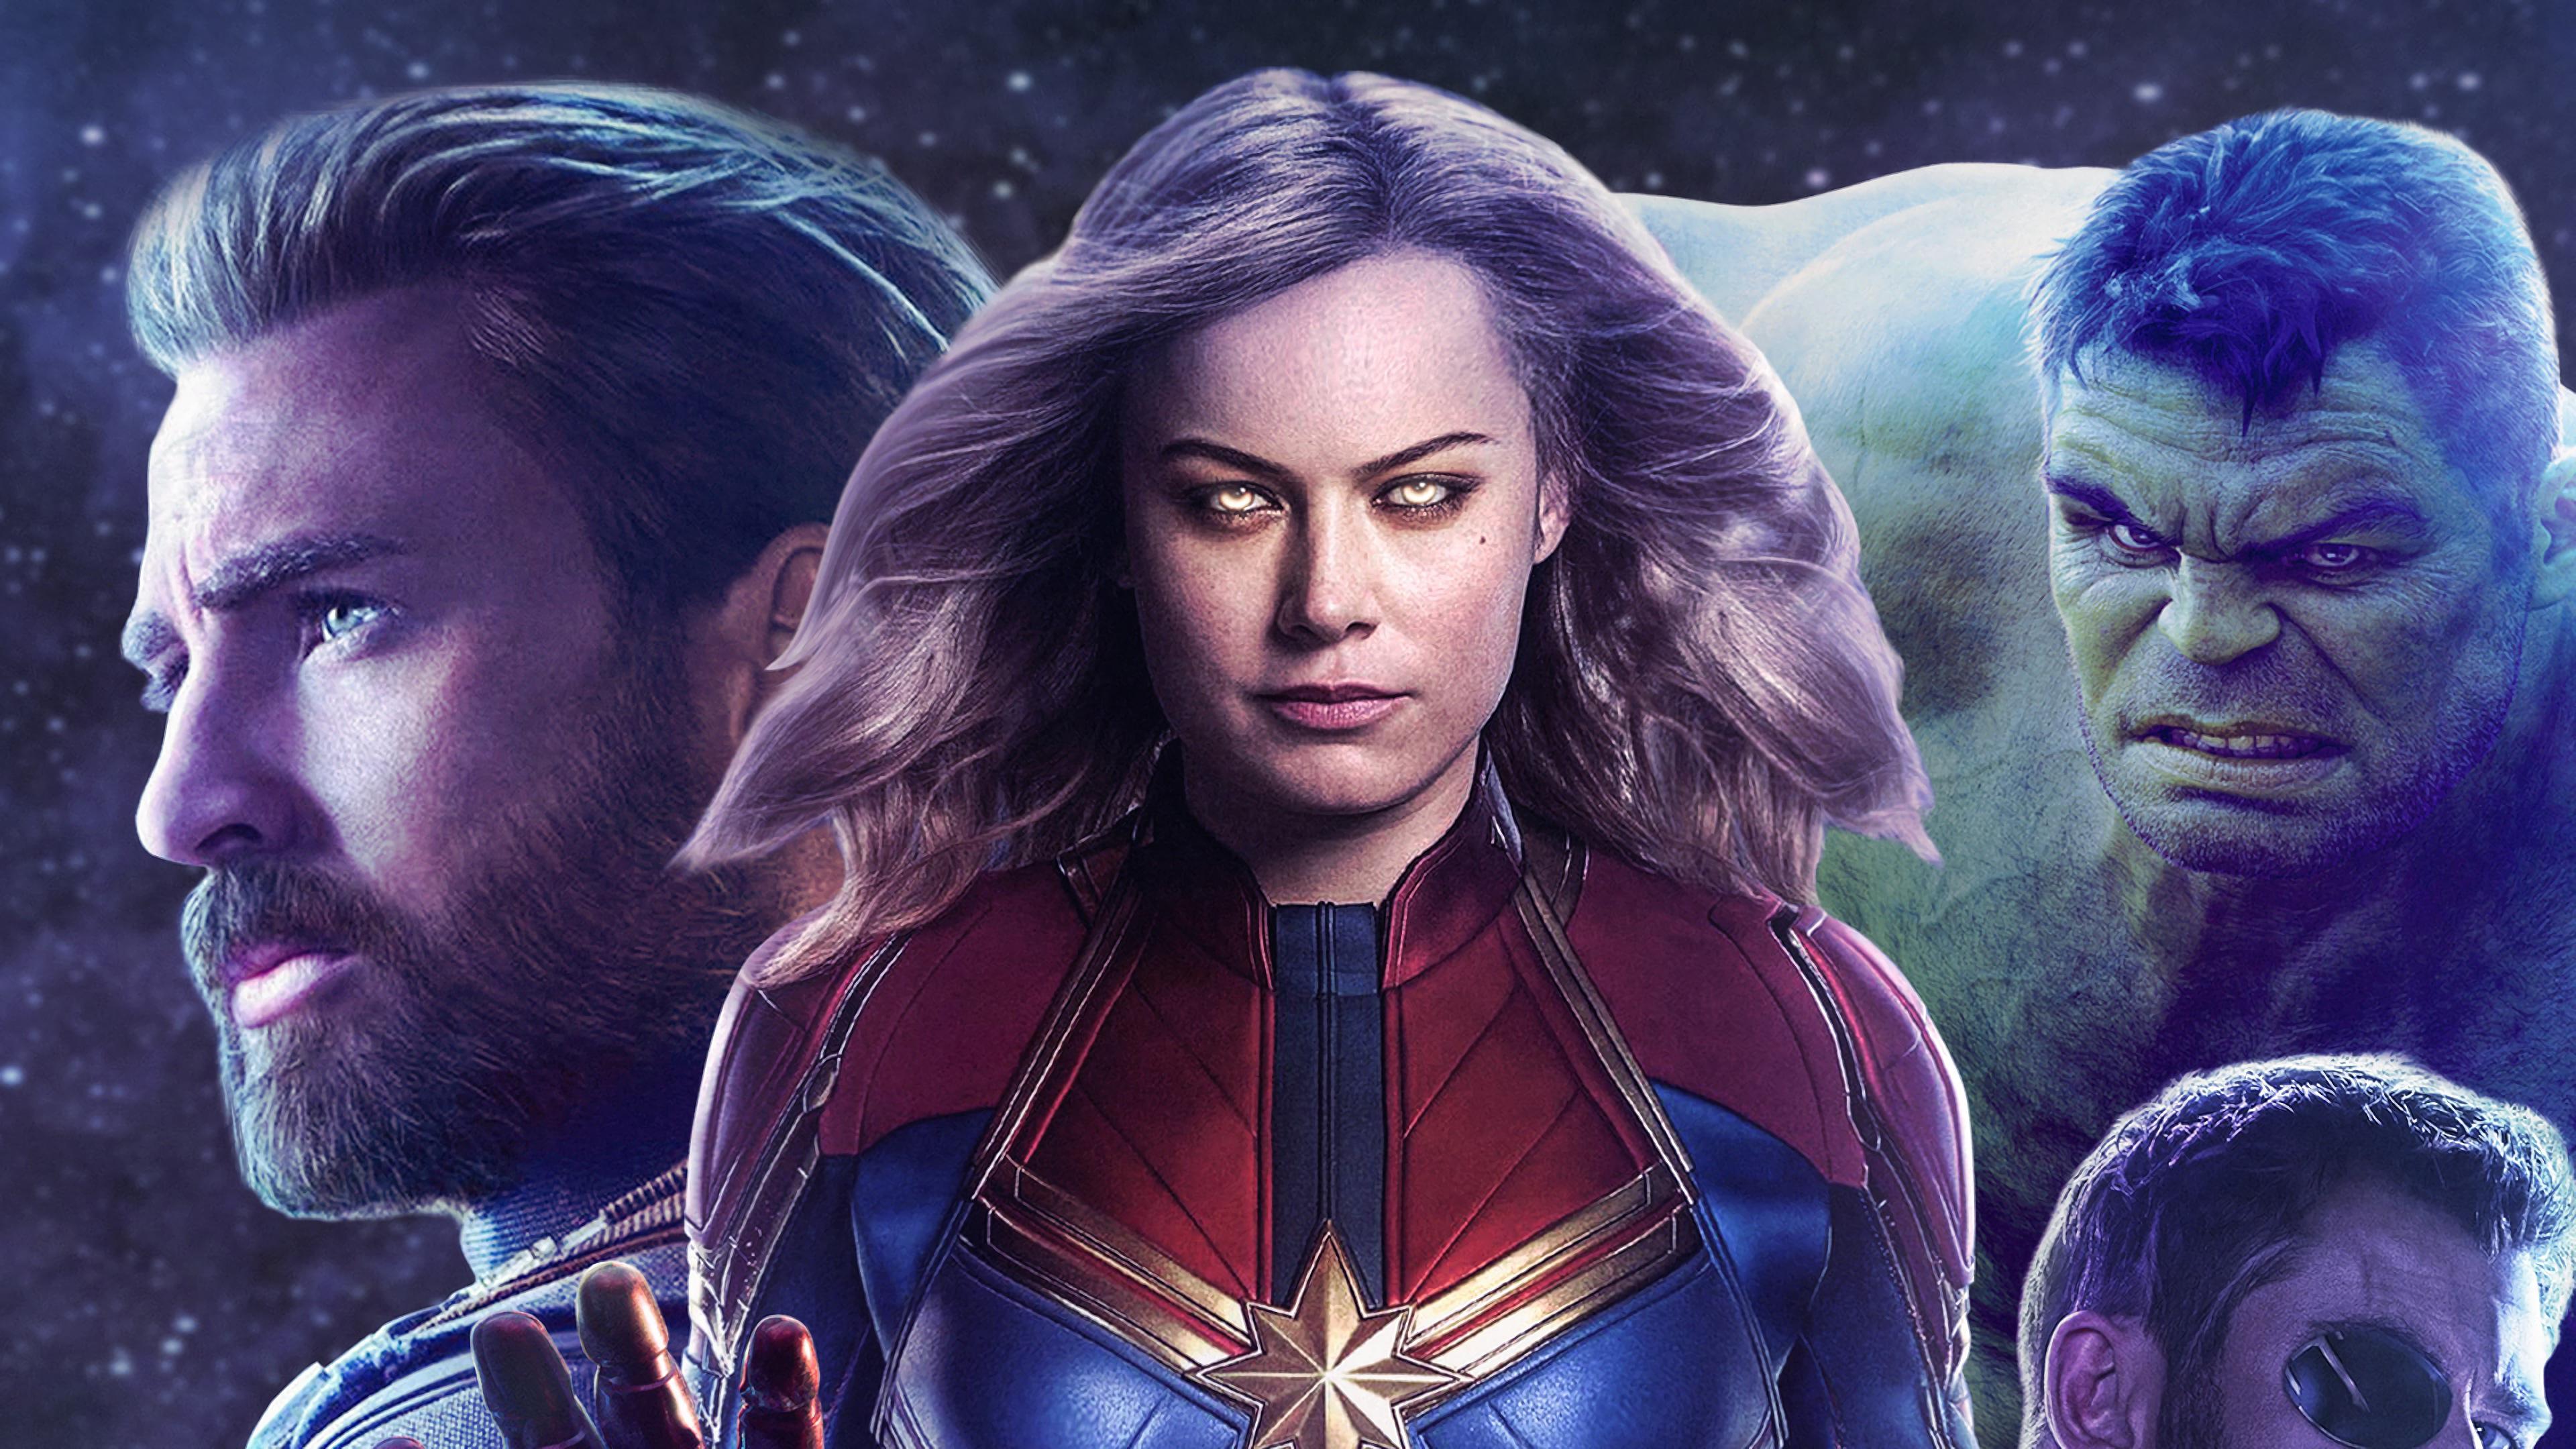 Captain Marvel Movie 2019 Hulk Captain America 4k Wallpaper - Captain Marvel Avengers Endgame - HD Wallpaper